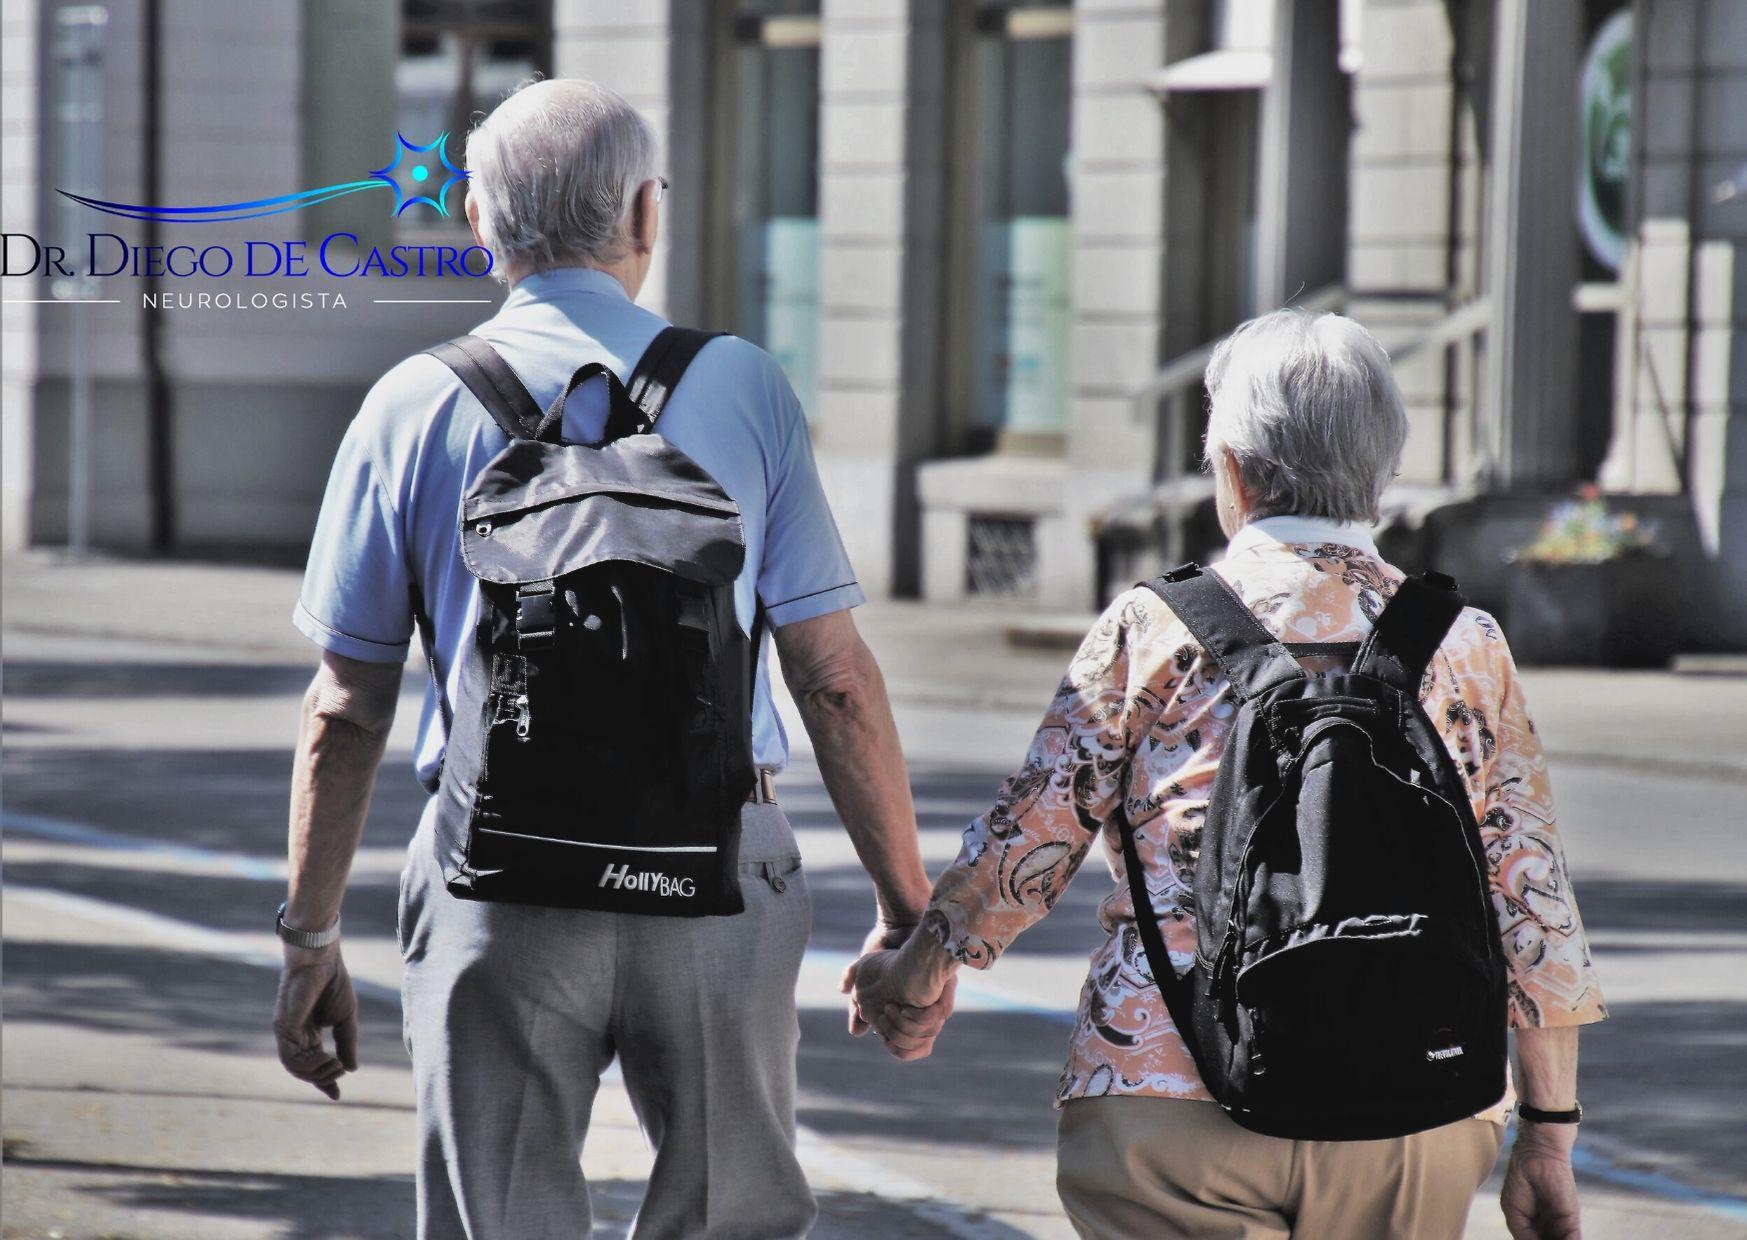 Tratamento da Doença de Parkinson